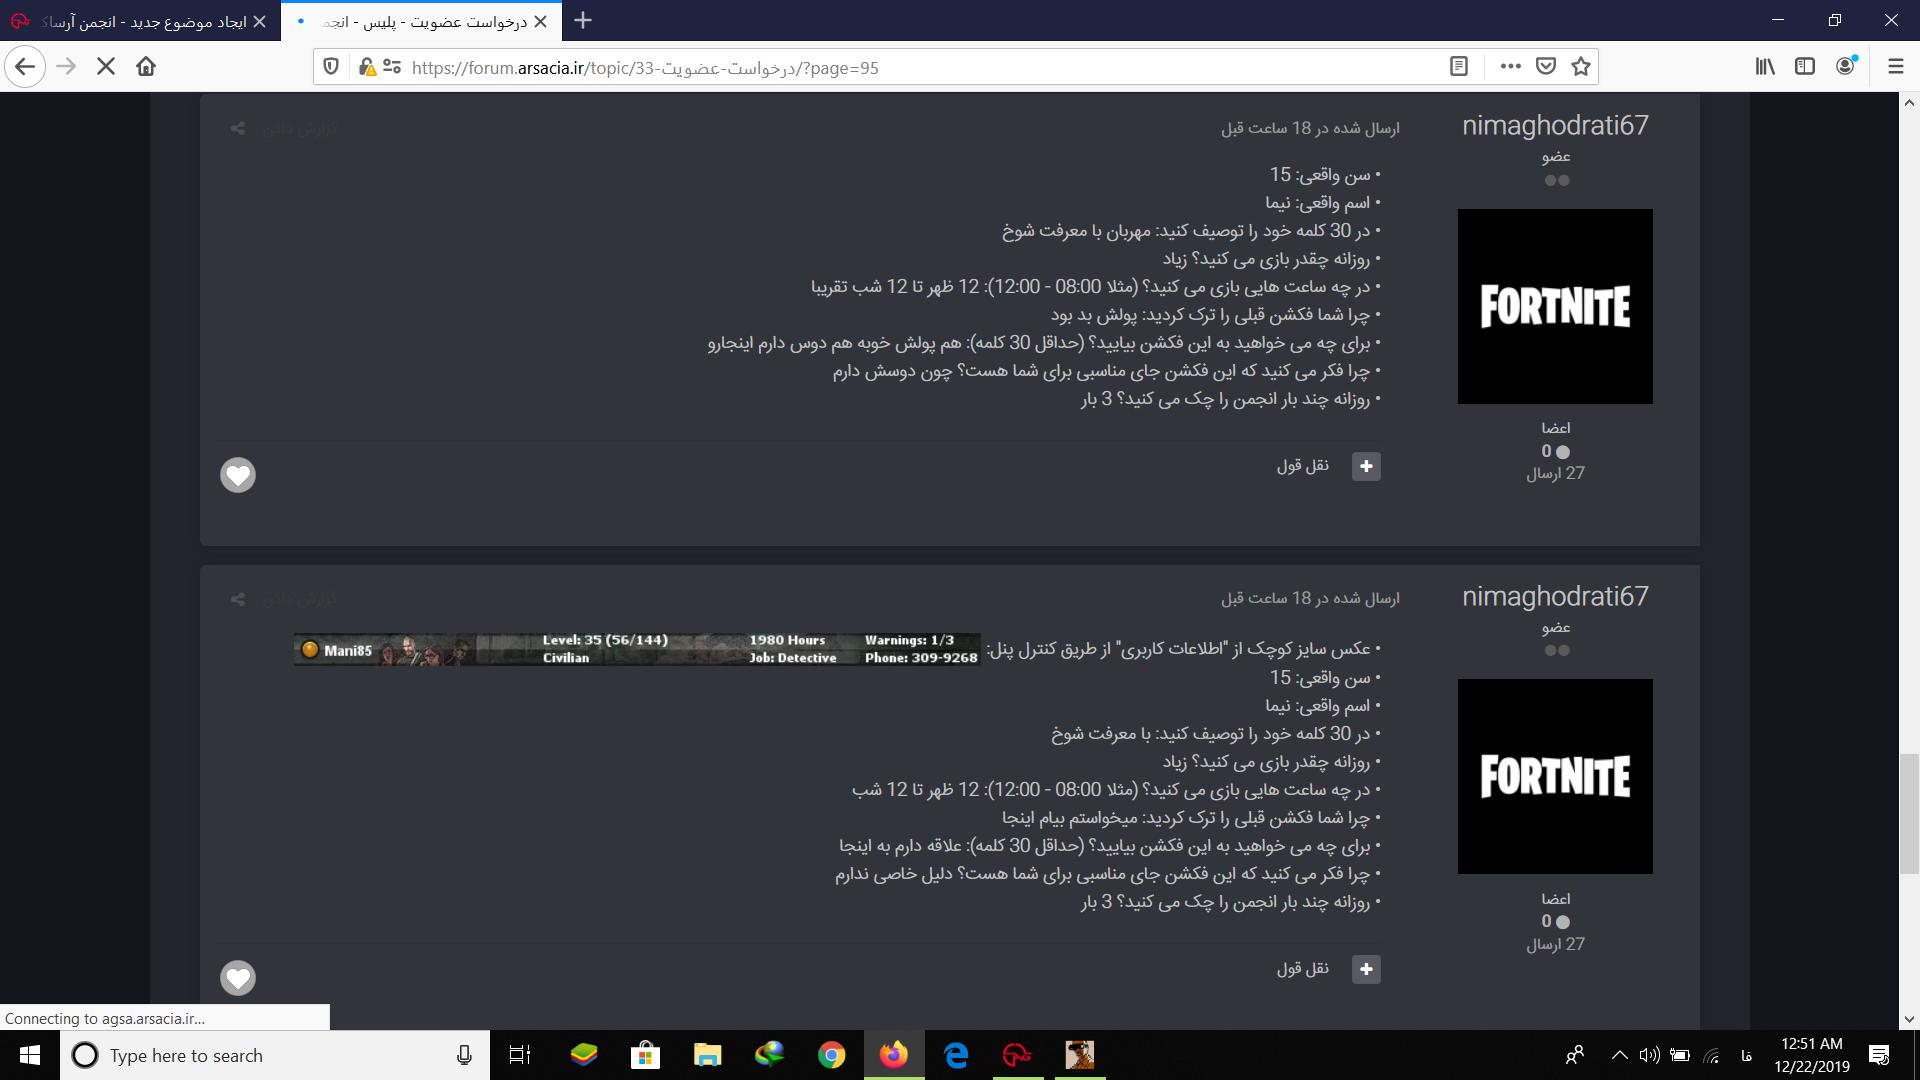 o0o_screenshot_(23).png